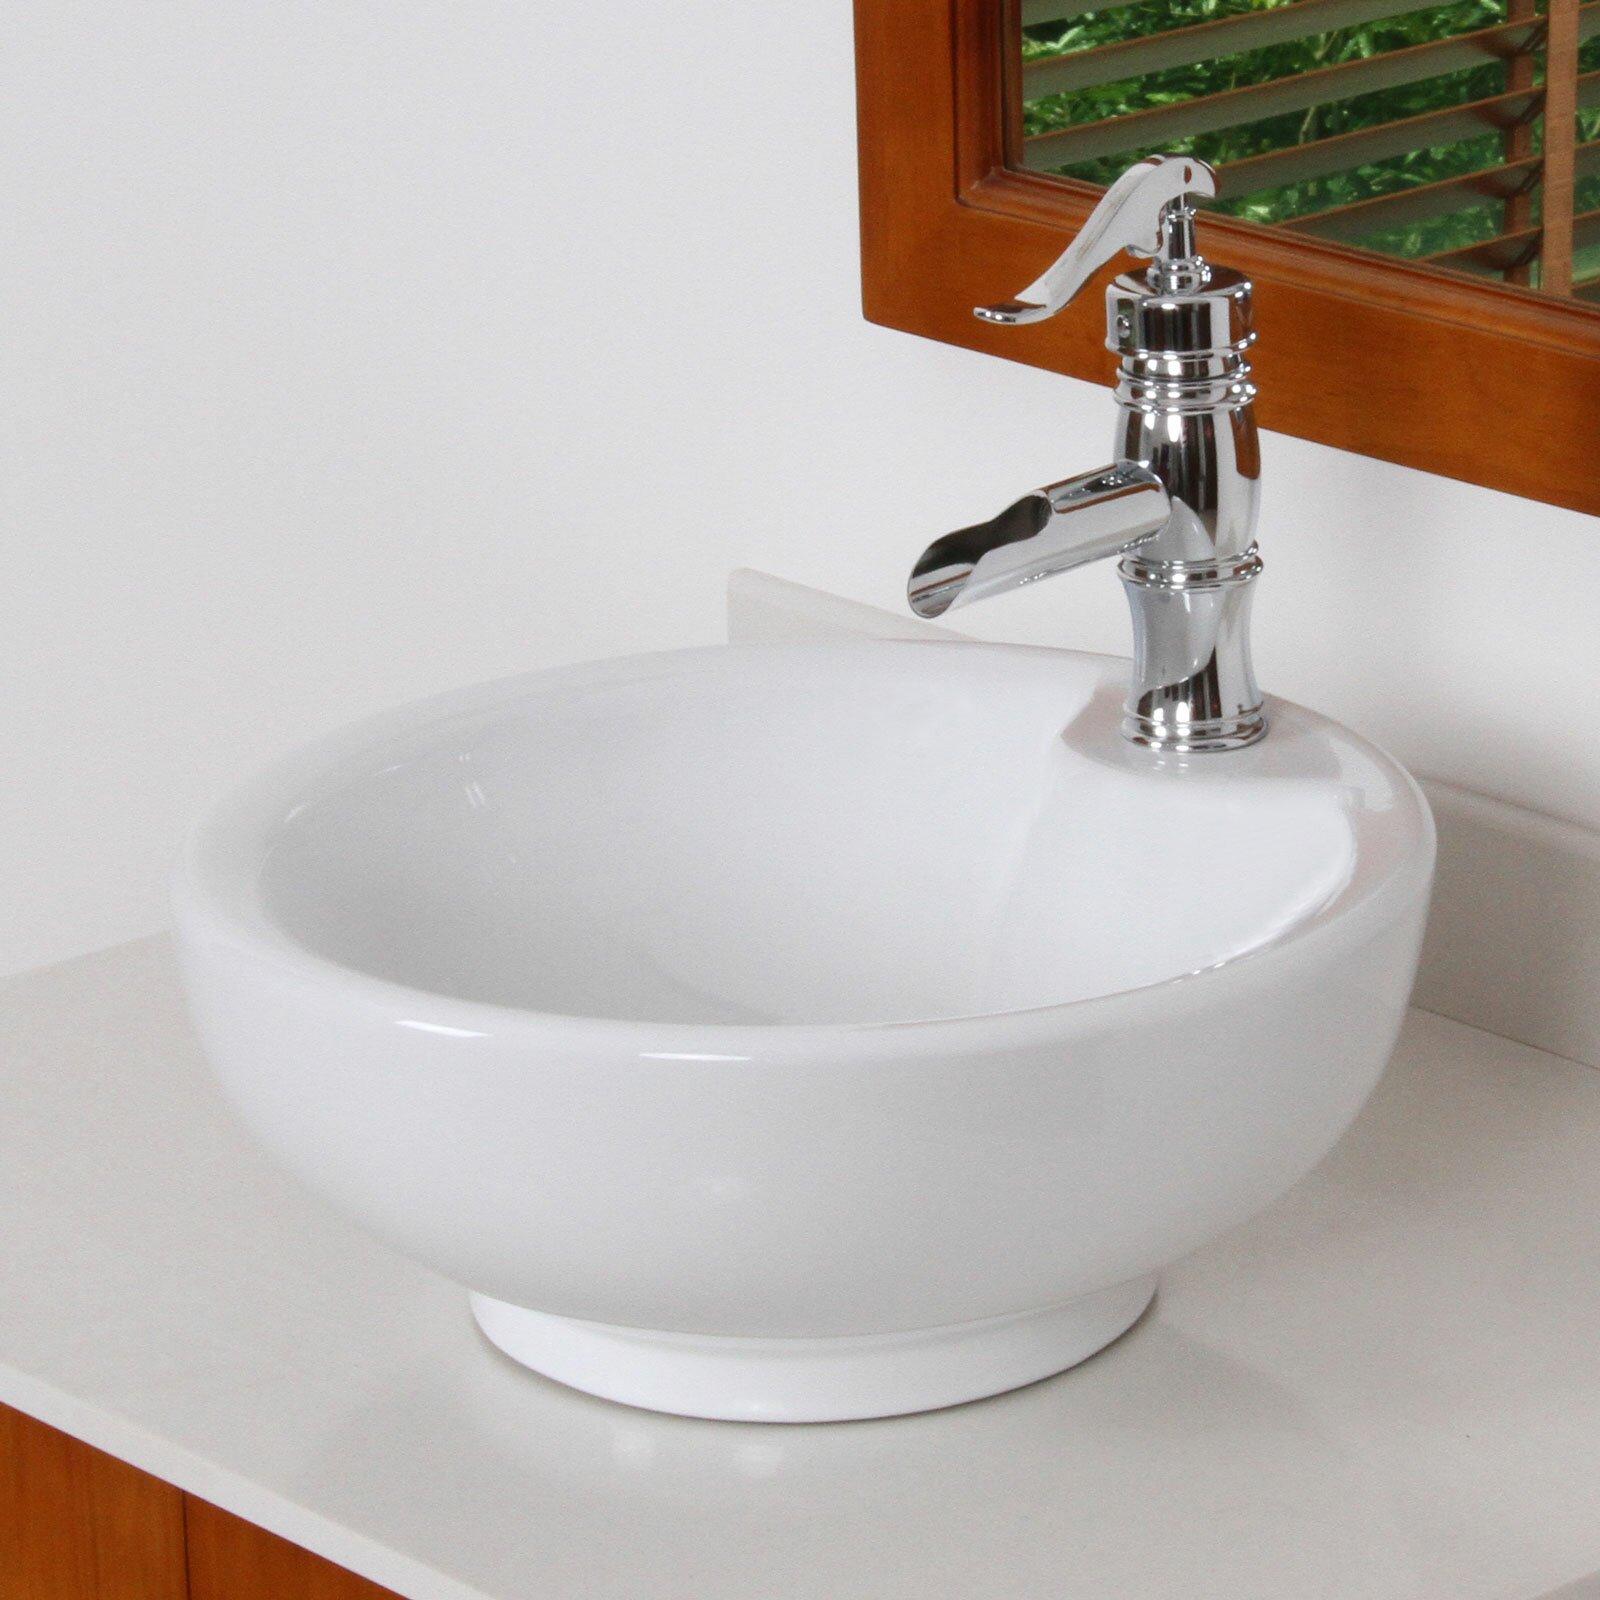 Retro Bathroom Faucets Vintage Bathroom Faucet Handles Vintage Retro Antique Brass